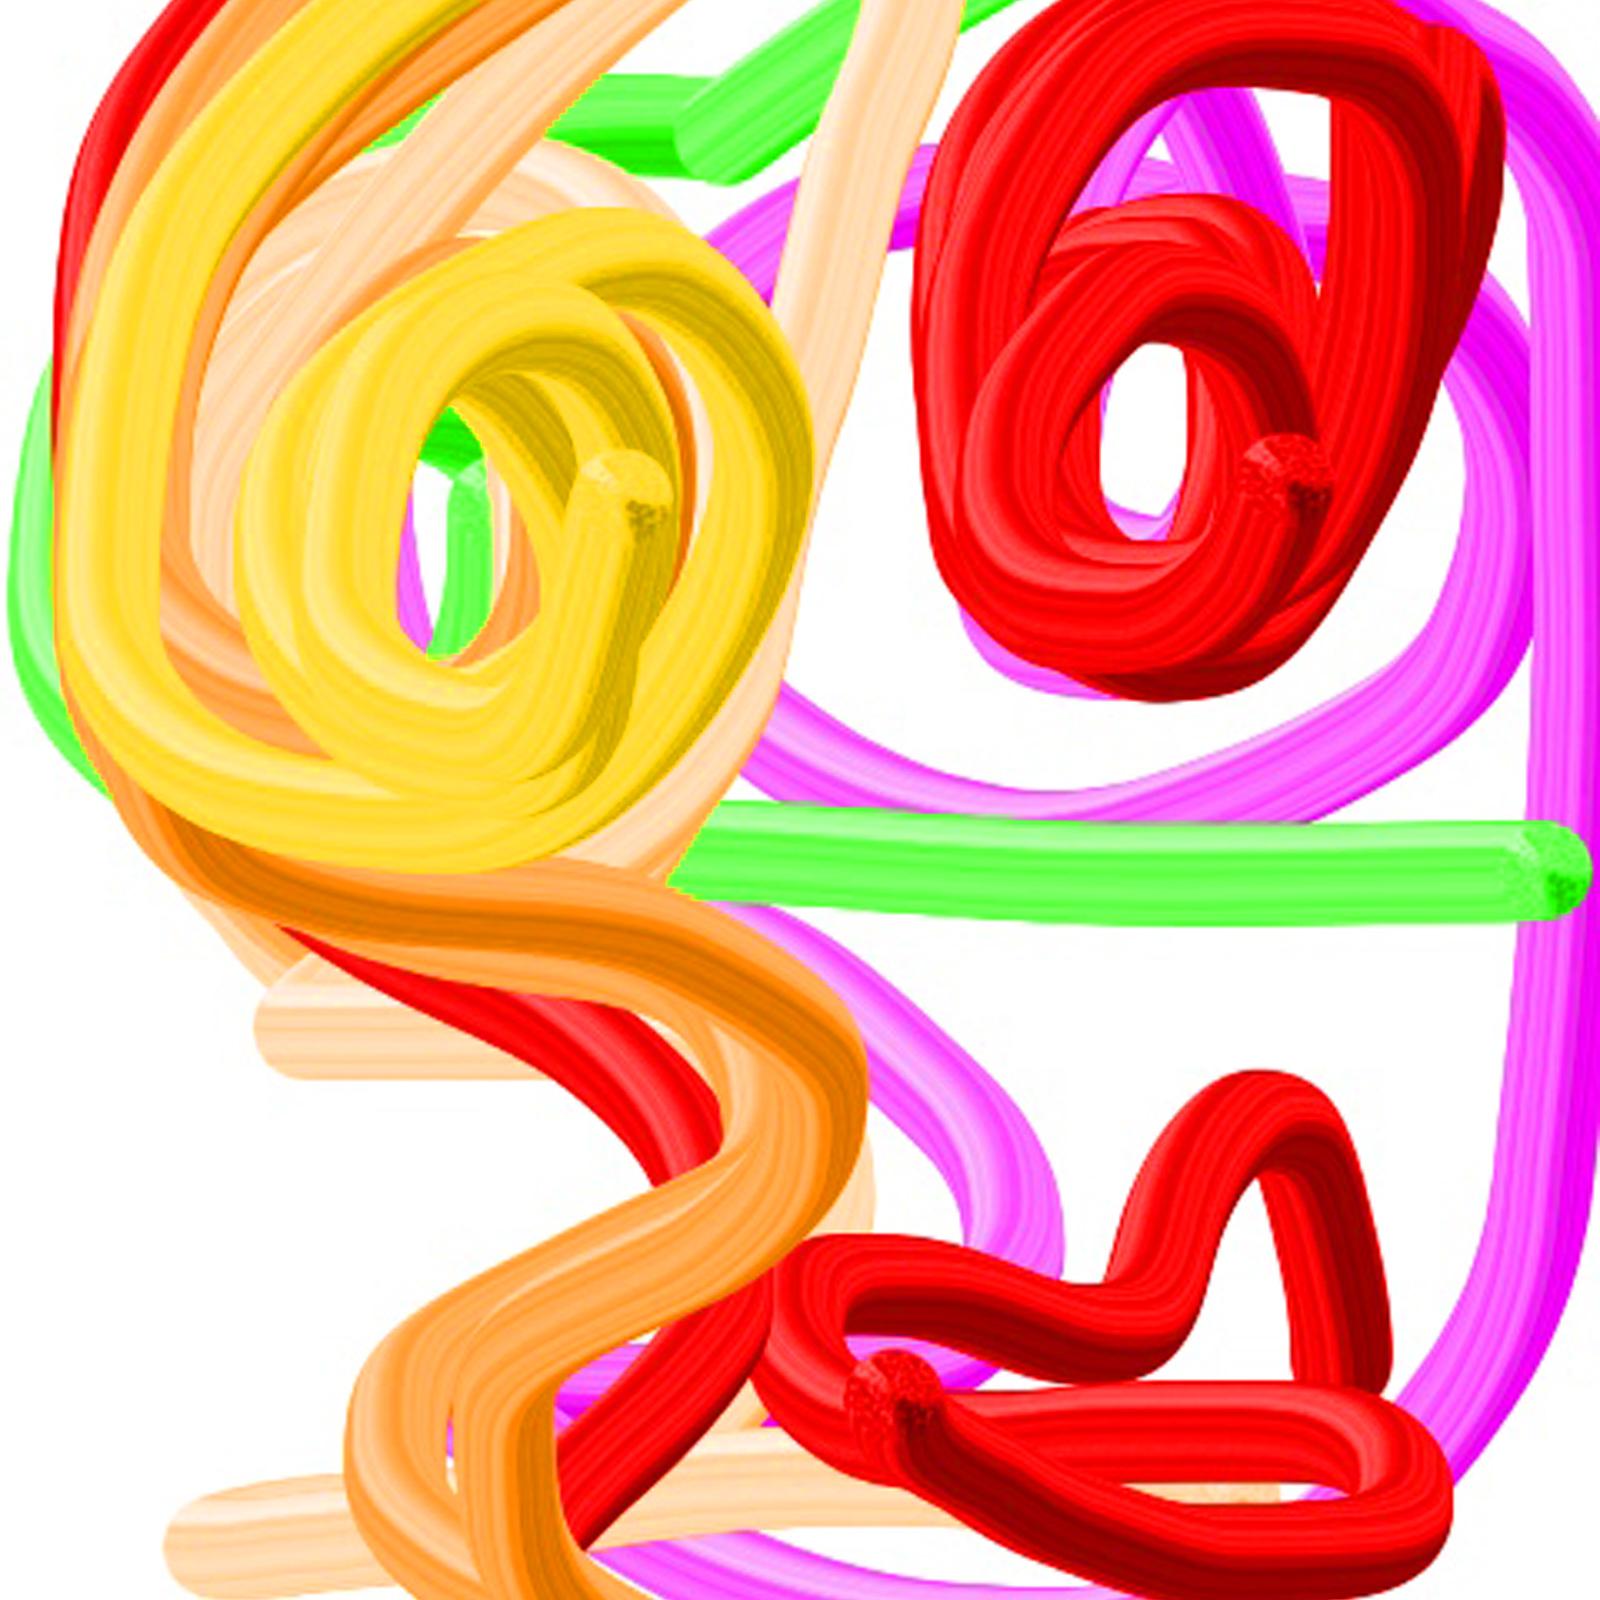 2beca2d8fce54edb924e7145fe785bcd.jpg?sr.dw=286&sr